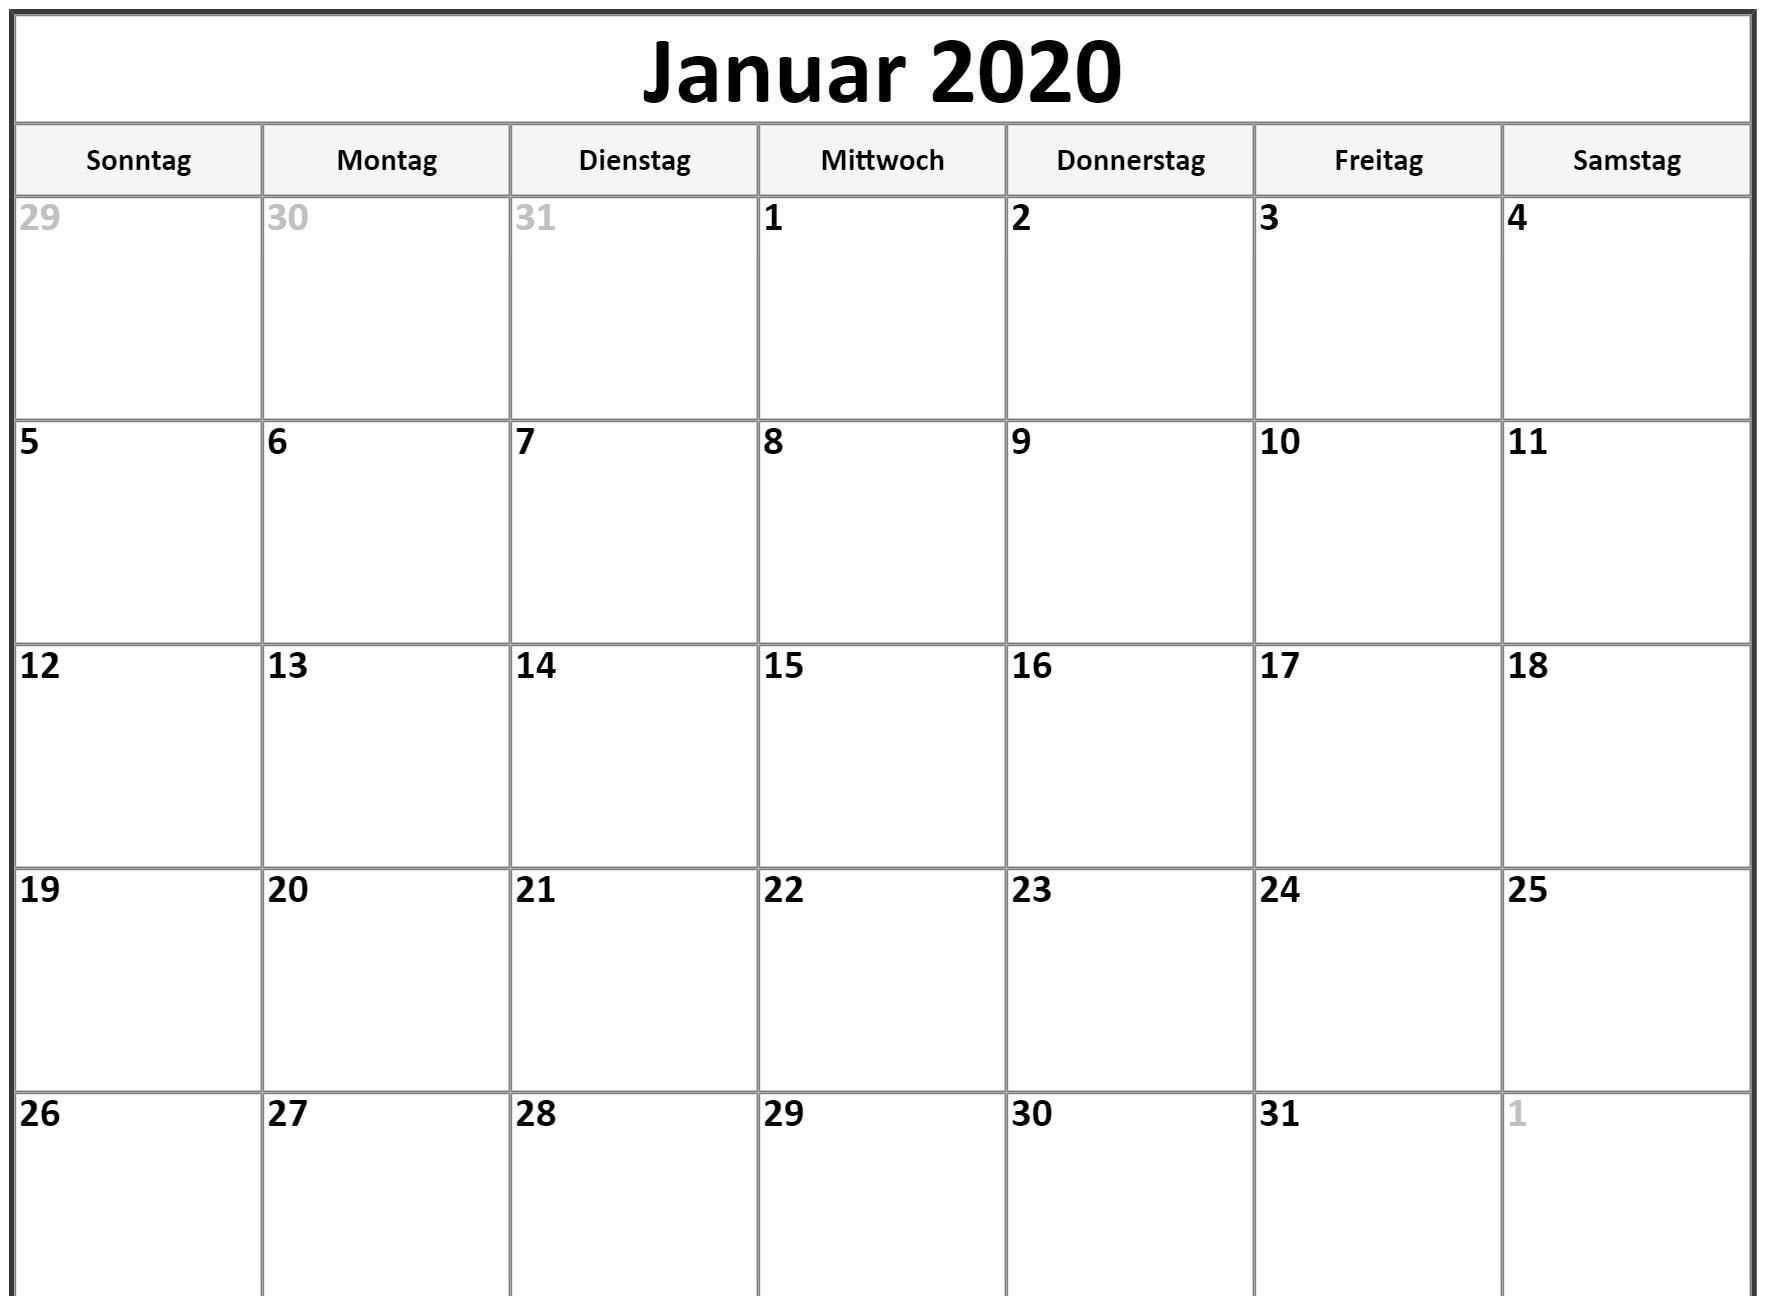 Januar 2020 Kalendervorlage 2019 Kalender Leerer Kalender Kalender